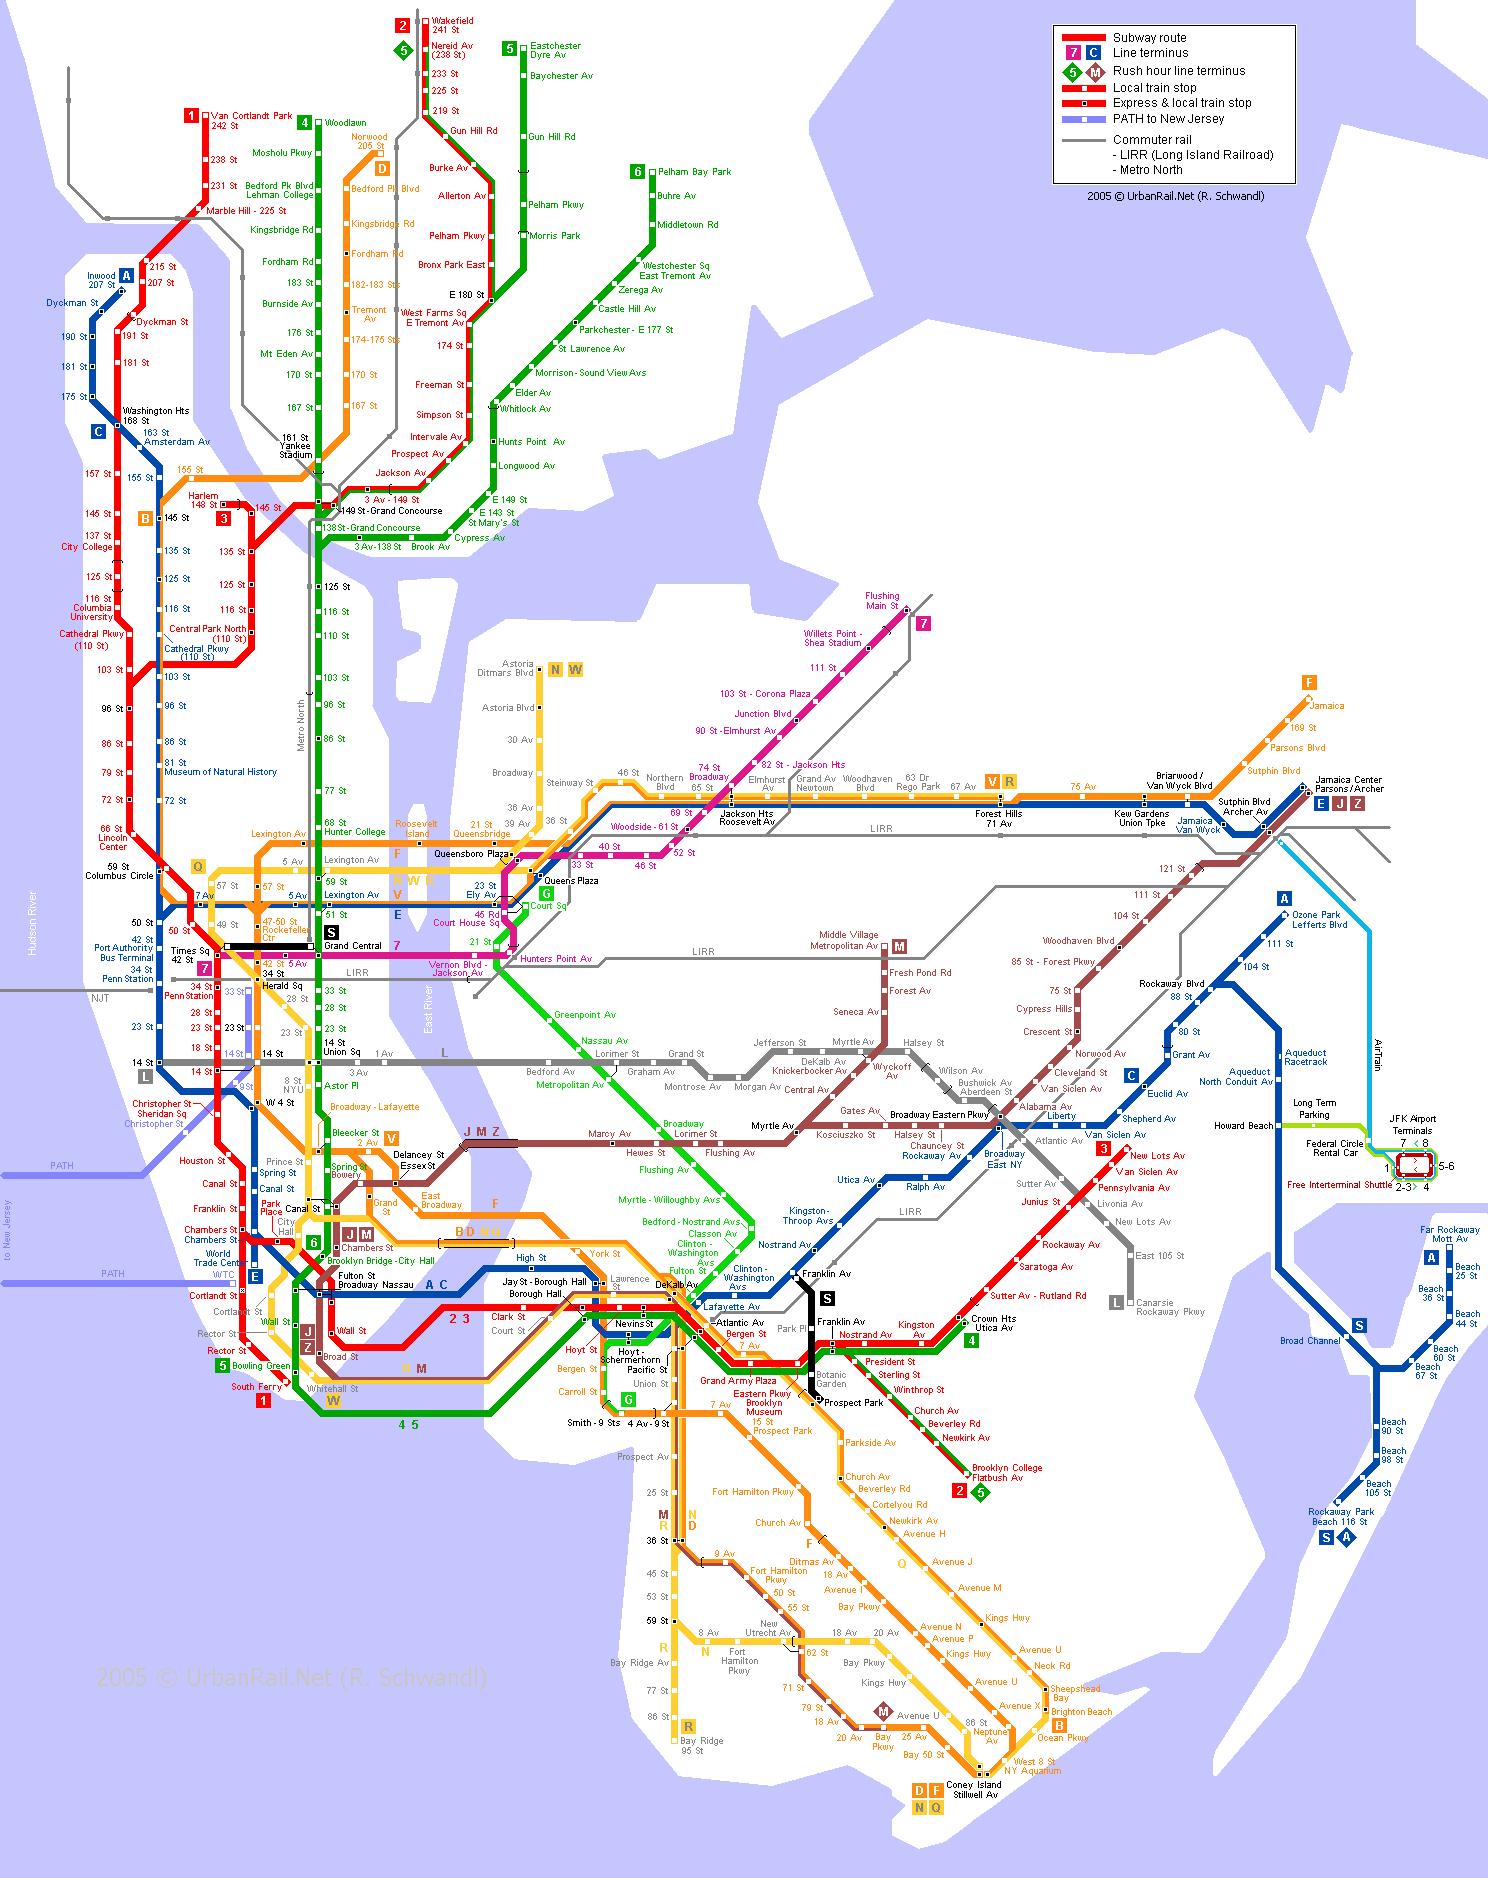 Схема метро нью-йорка 2016